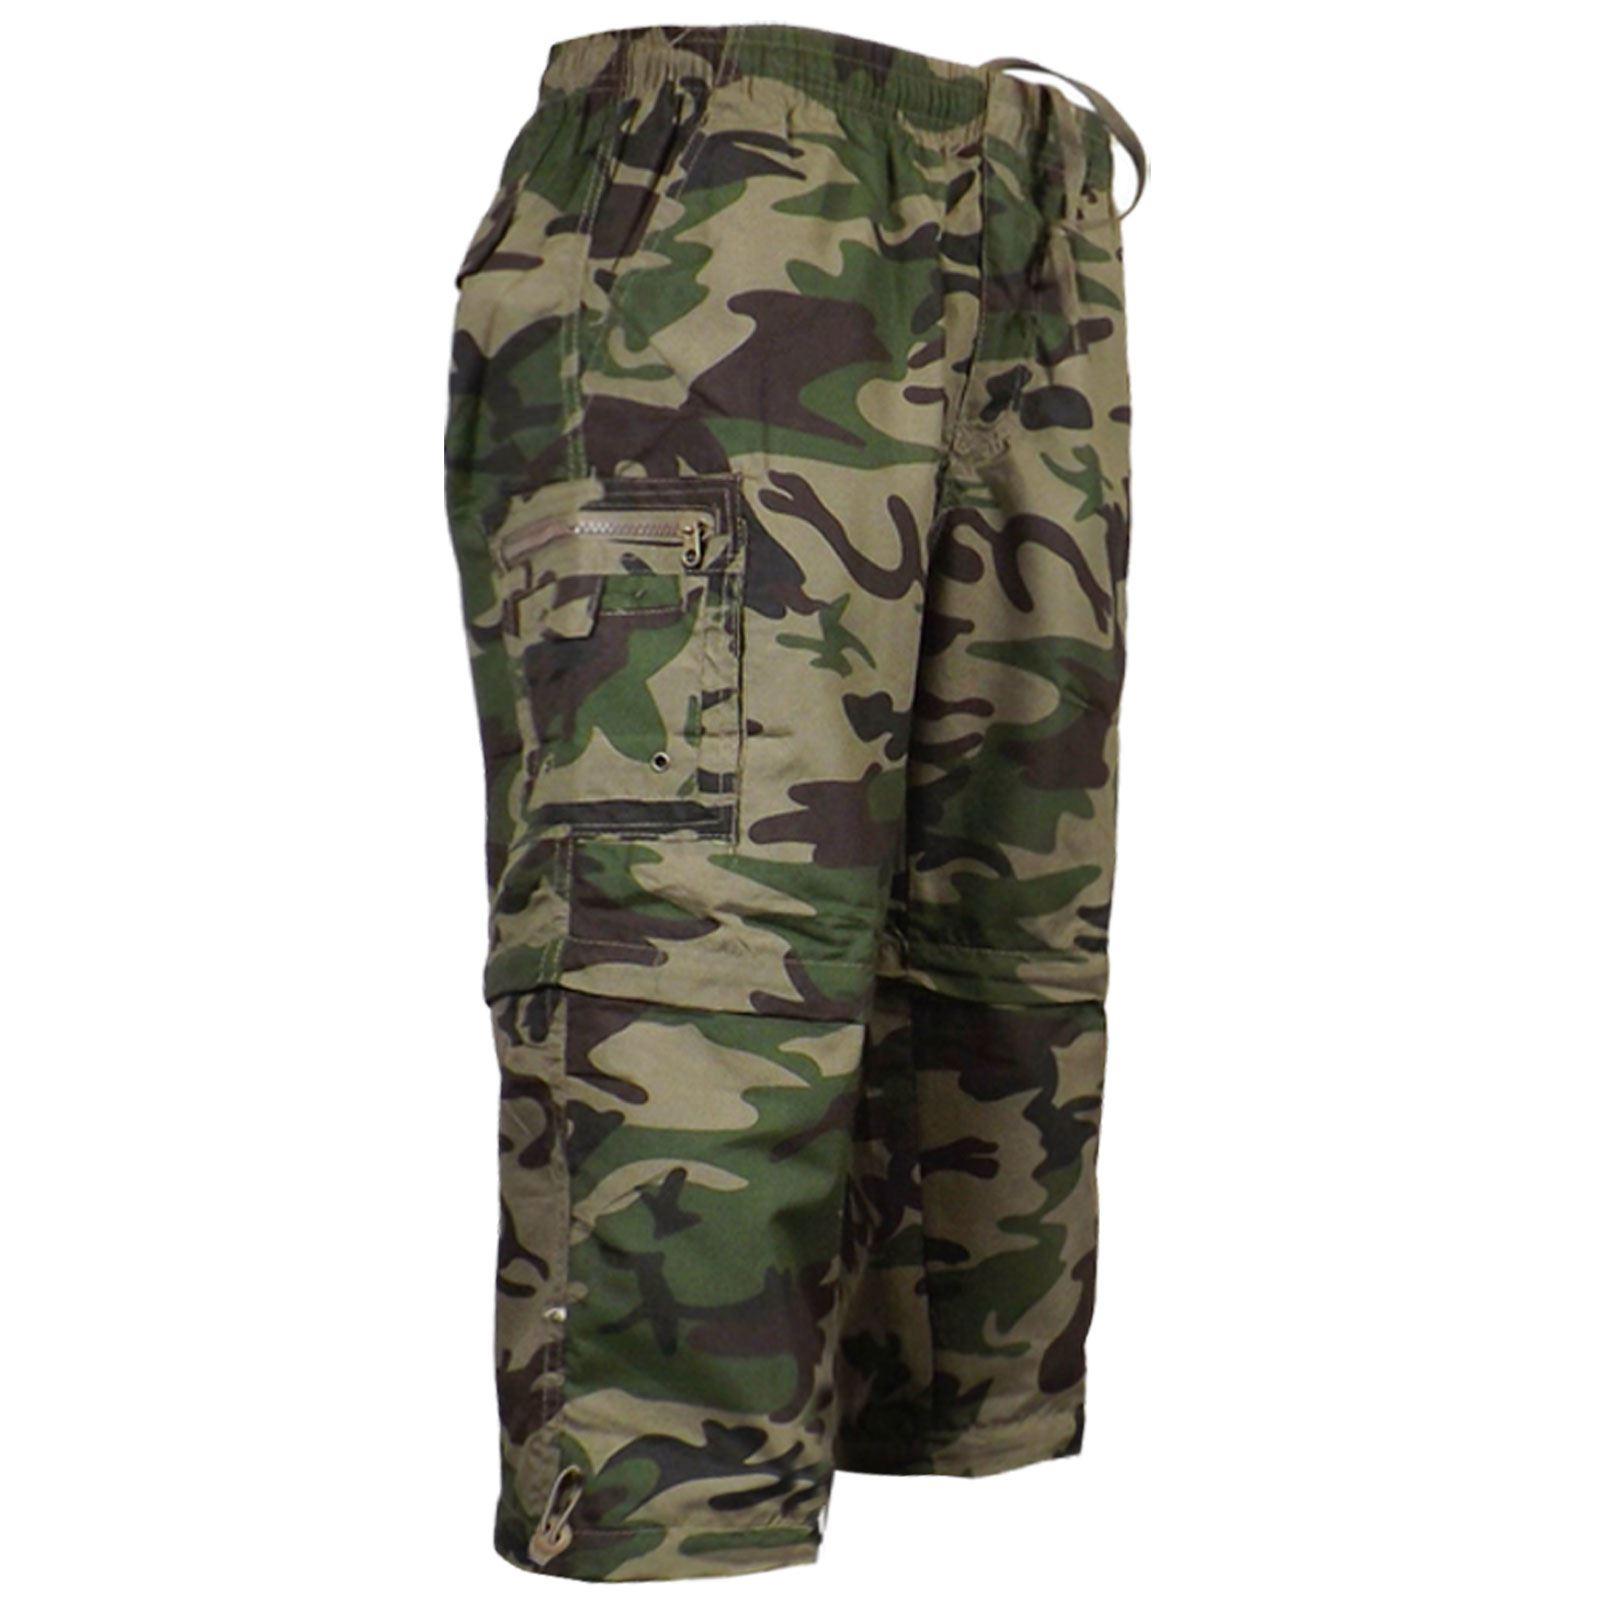 Homme-2-En-1-Camouflage-Short-Army-Zip-Off-Combat-Pantalon-Cargo-Travail-Pantalon-S-2XL